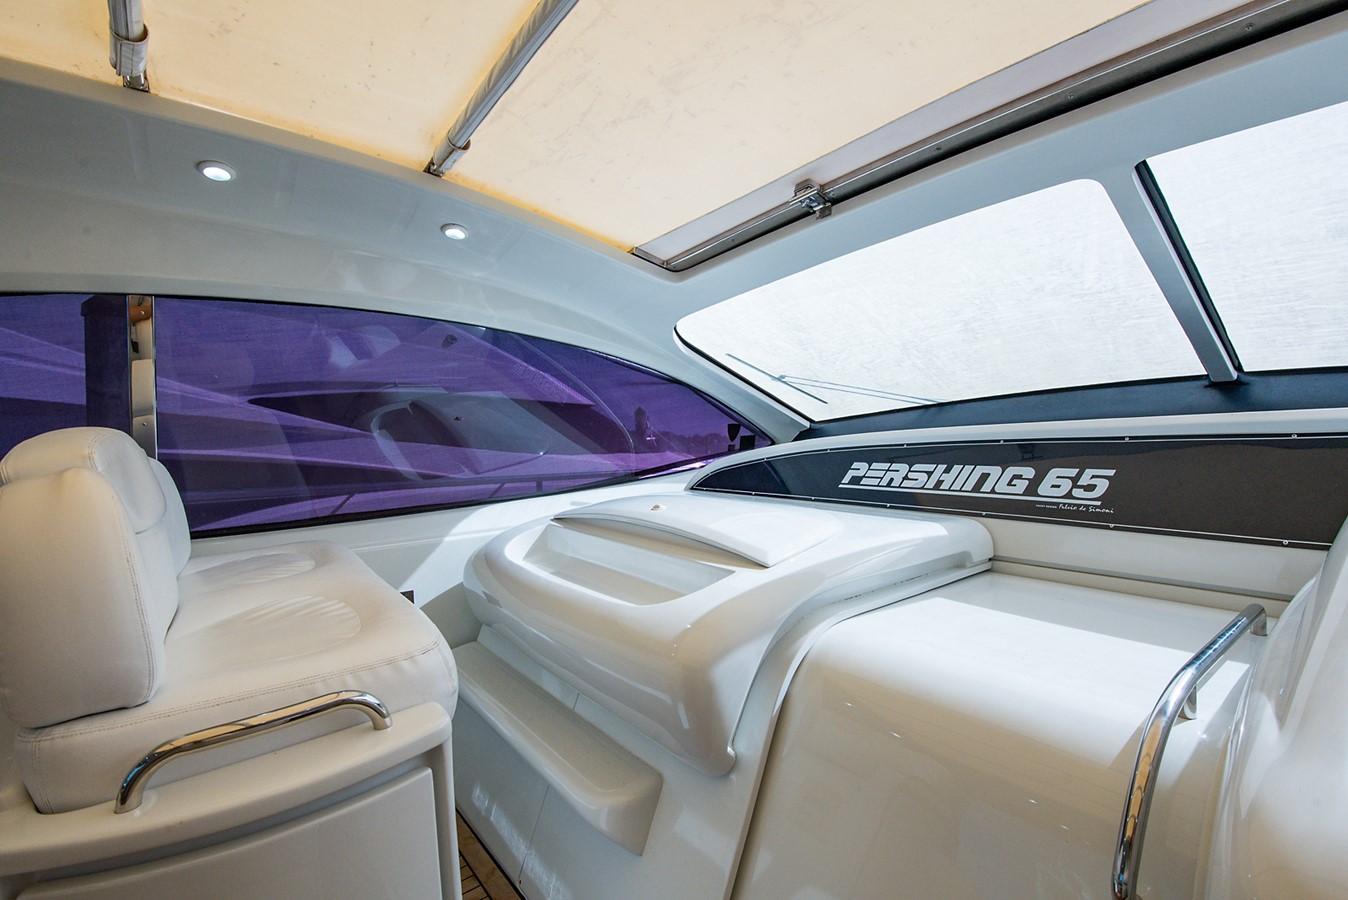 2000 PERSHING 65 Motor Yacht 2350377